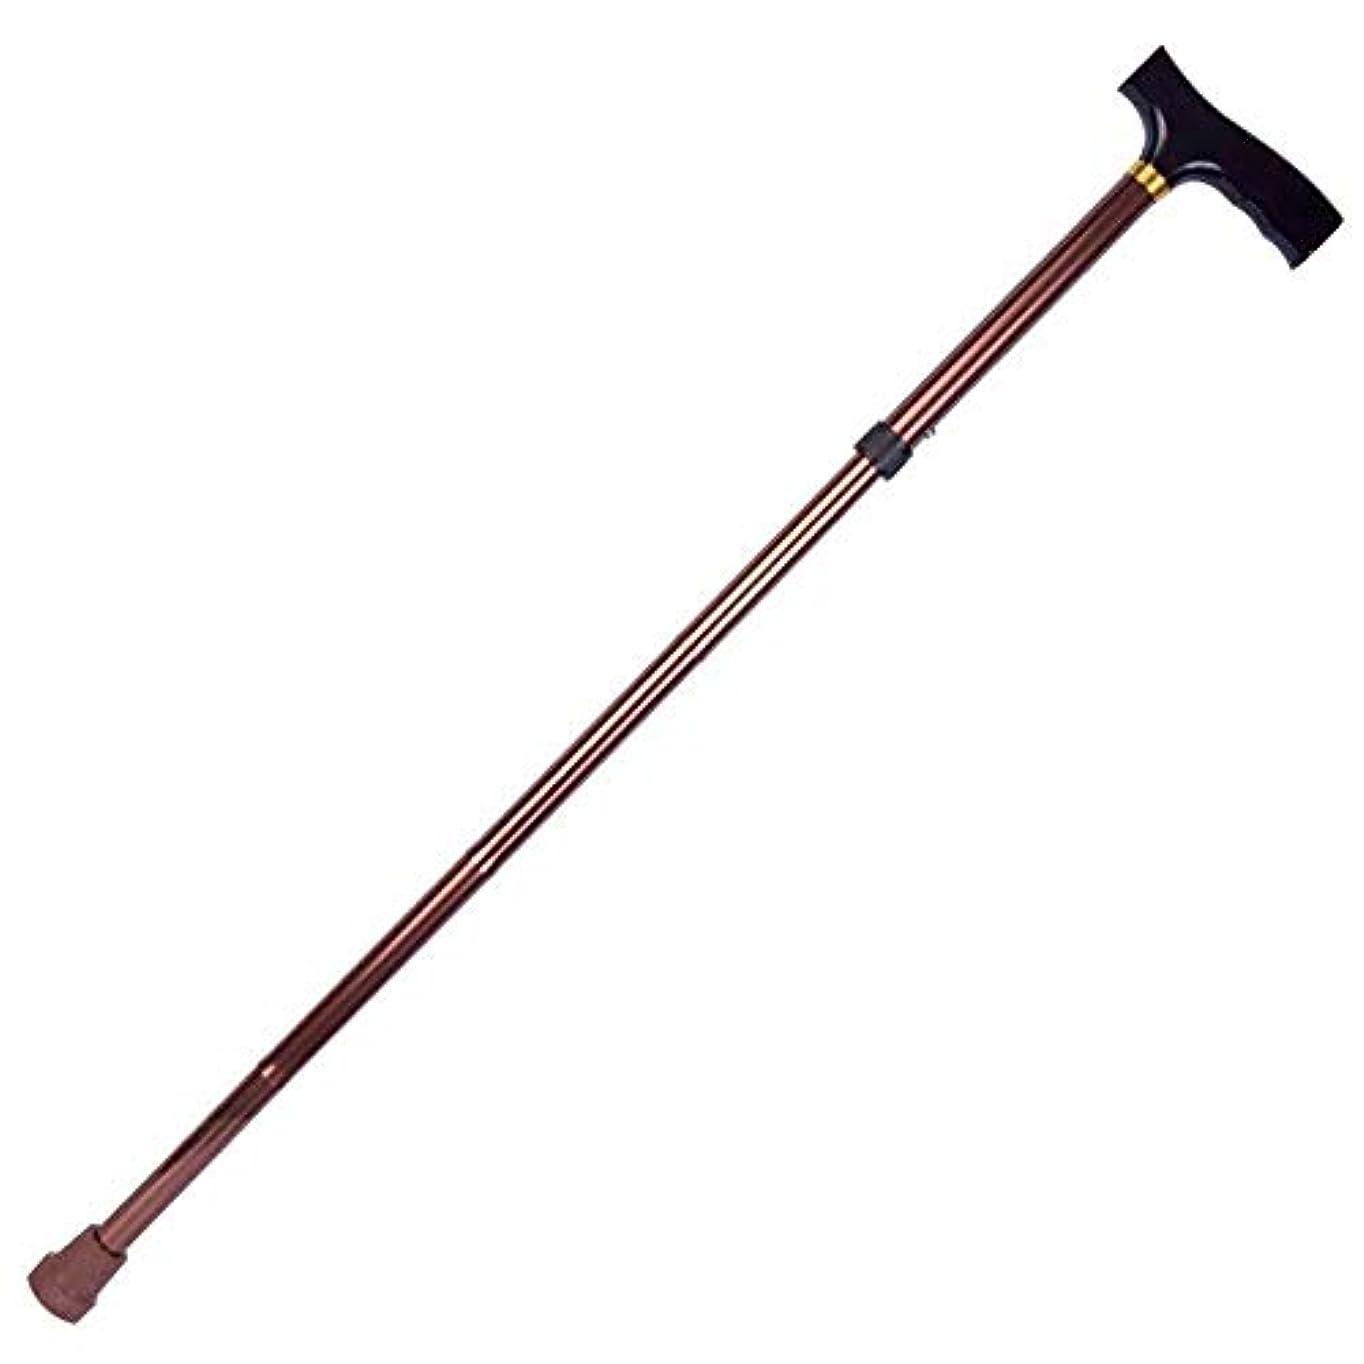 倒錯記事レポートを書く超軽量滑り止め折りたたみ式杖松葉杖、杖耐久性のある高さ調節可能なサポートと安定性安全補助バランス、高齢者のためのトレッキングポール杖障害のある女性屋外旅行ウォーキング (Color : Brown)